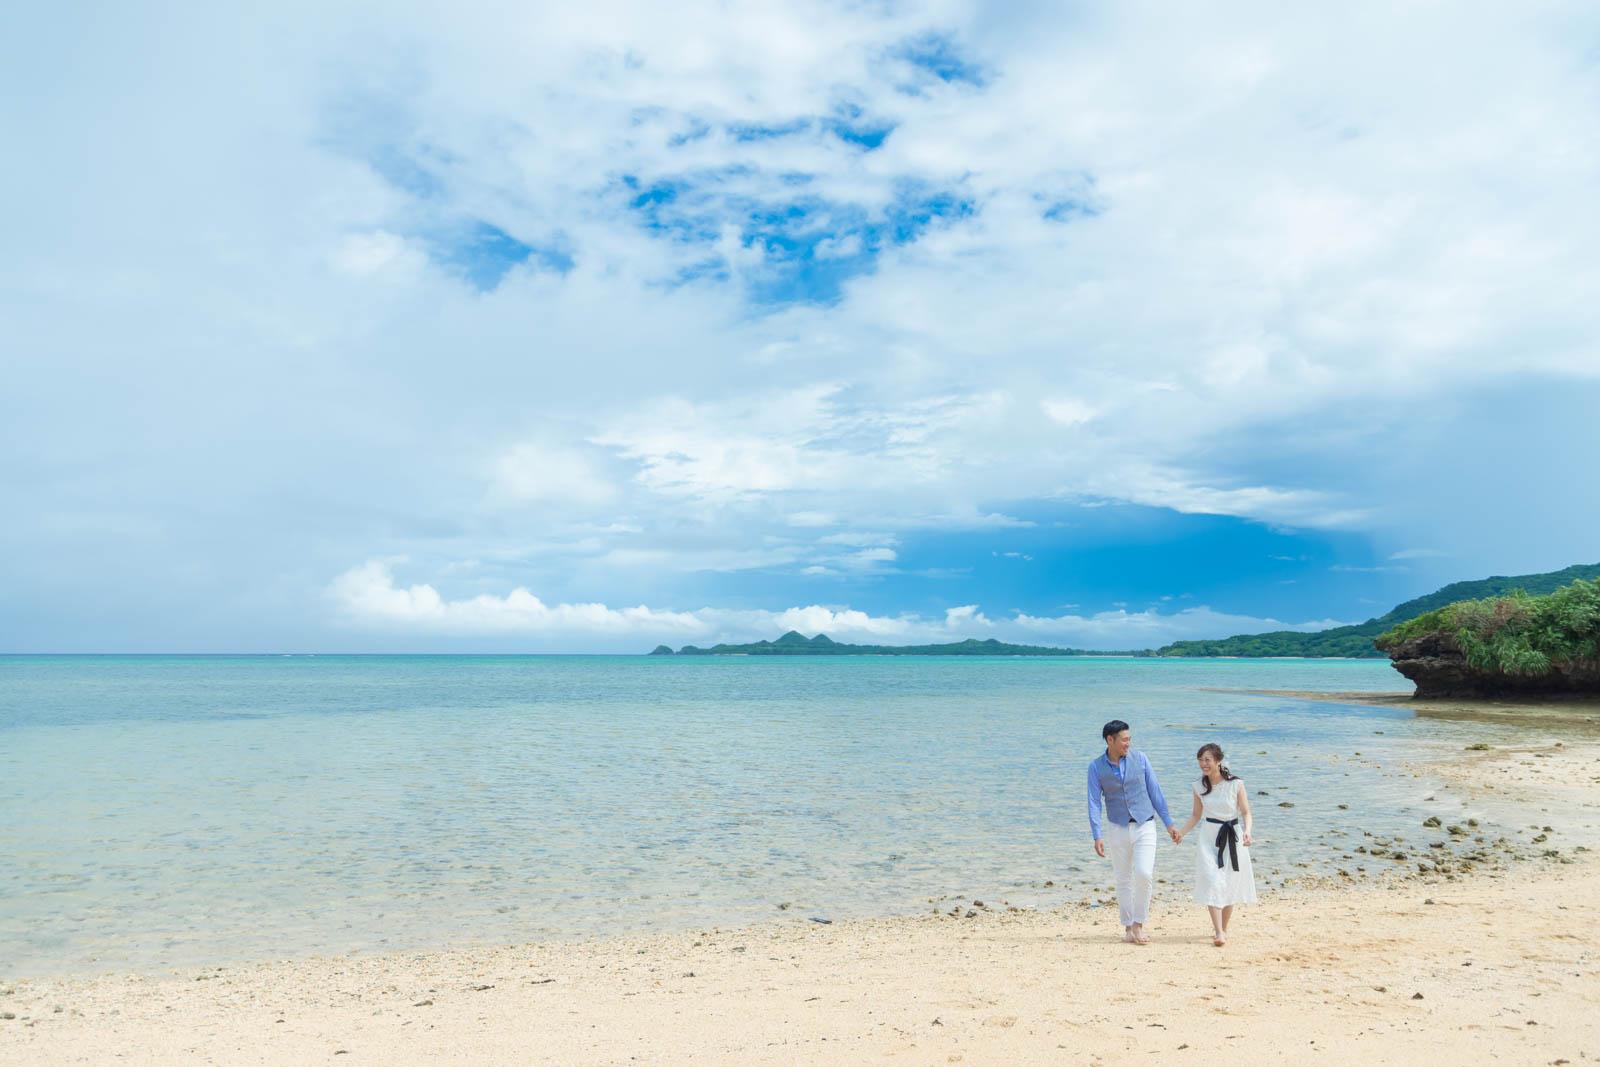 石垣島でビーチフォト